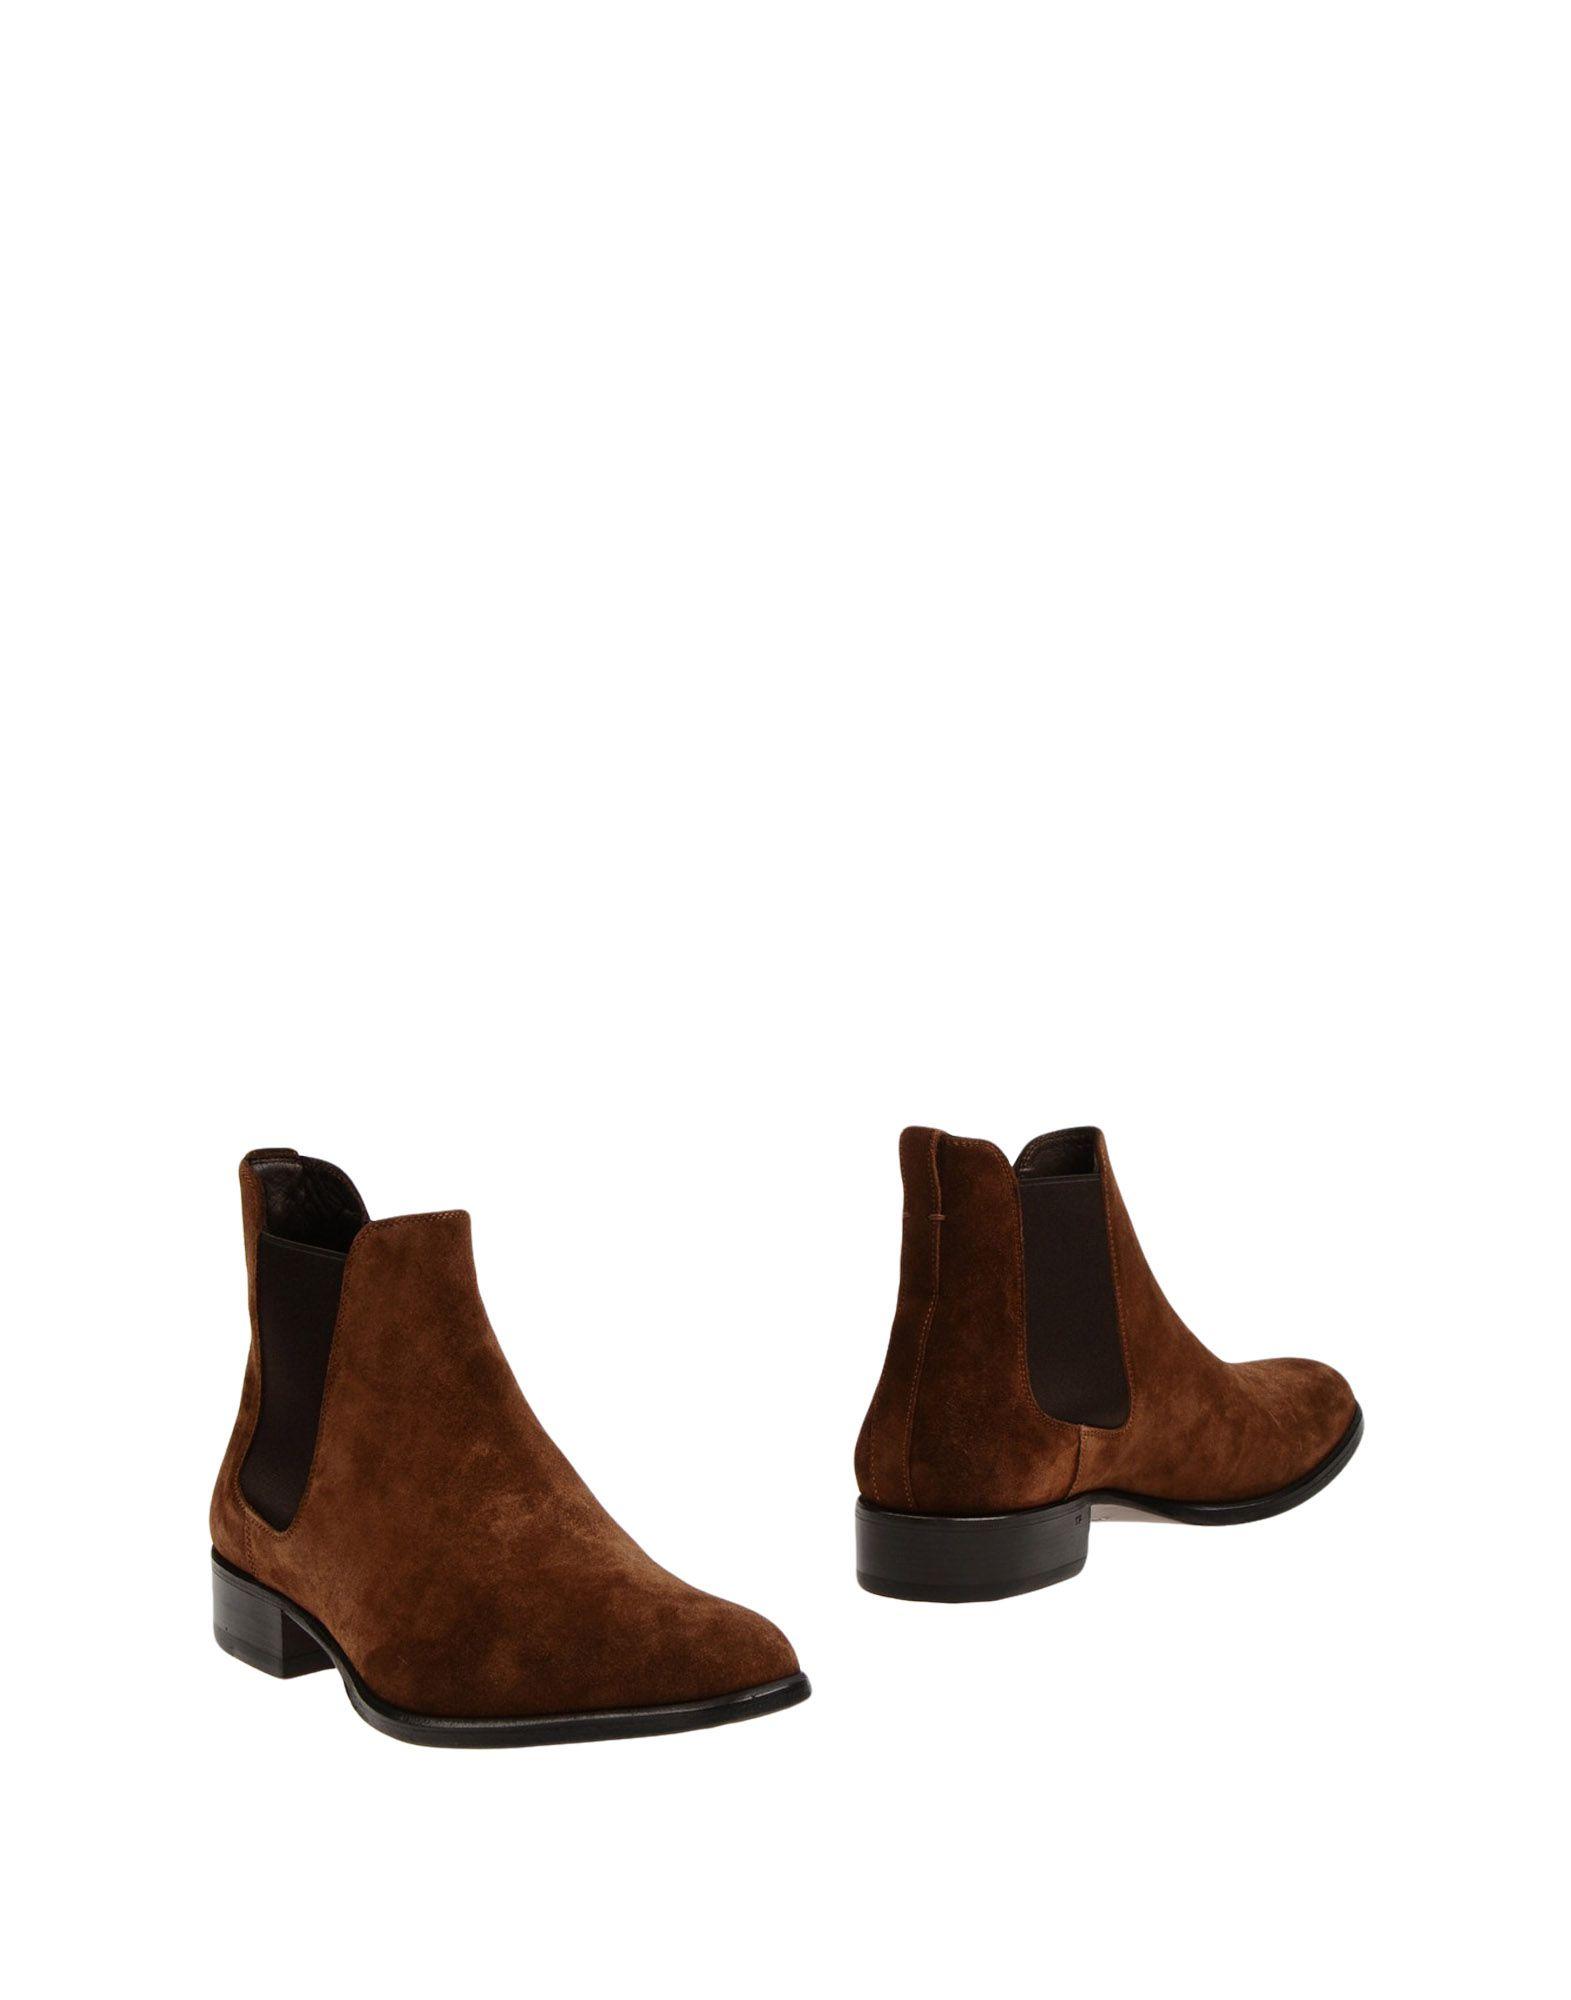 Tom Ford Stiefelette Herren  11169192LQ Gute Qualität beliebte Schuhe